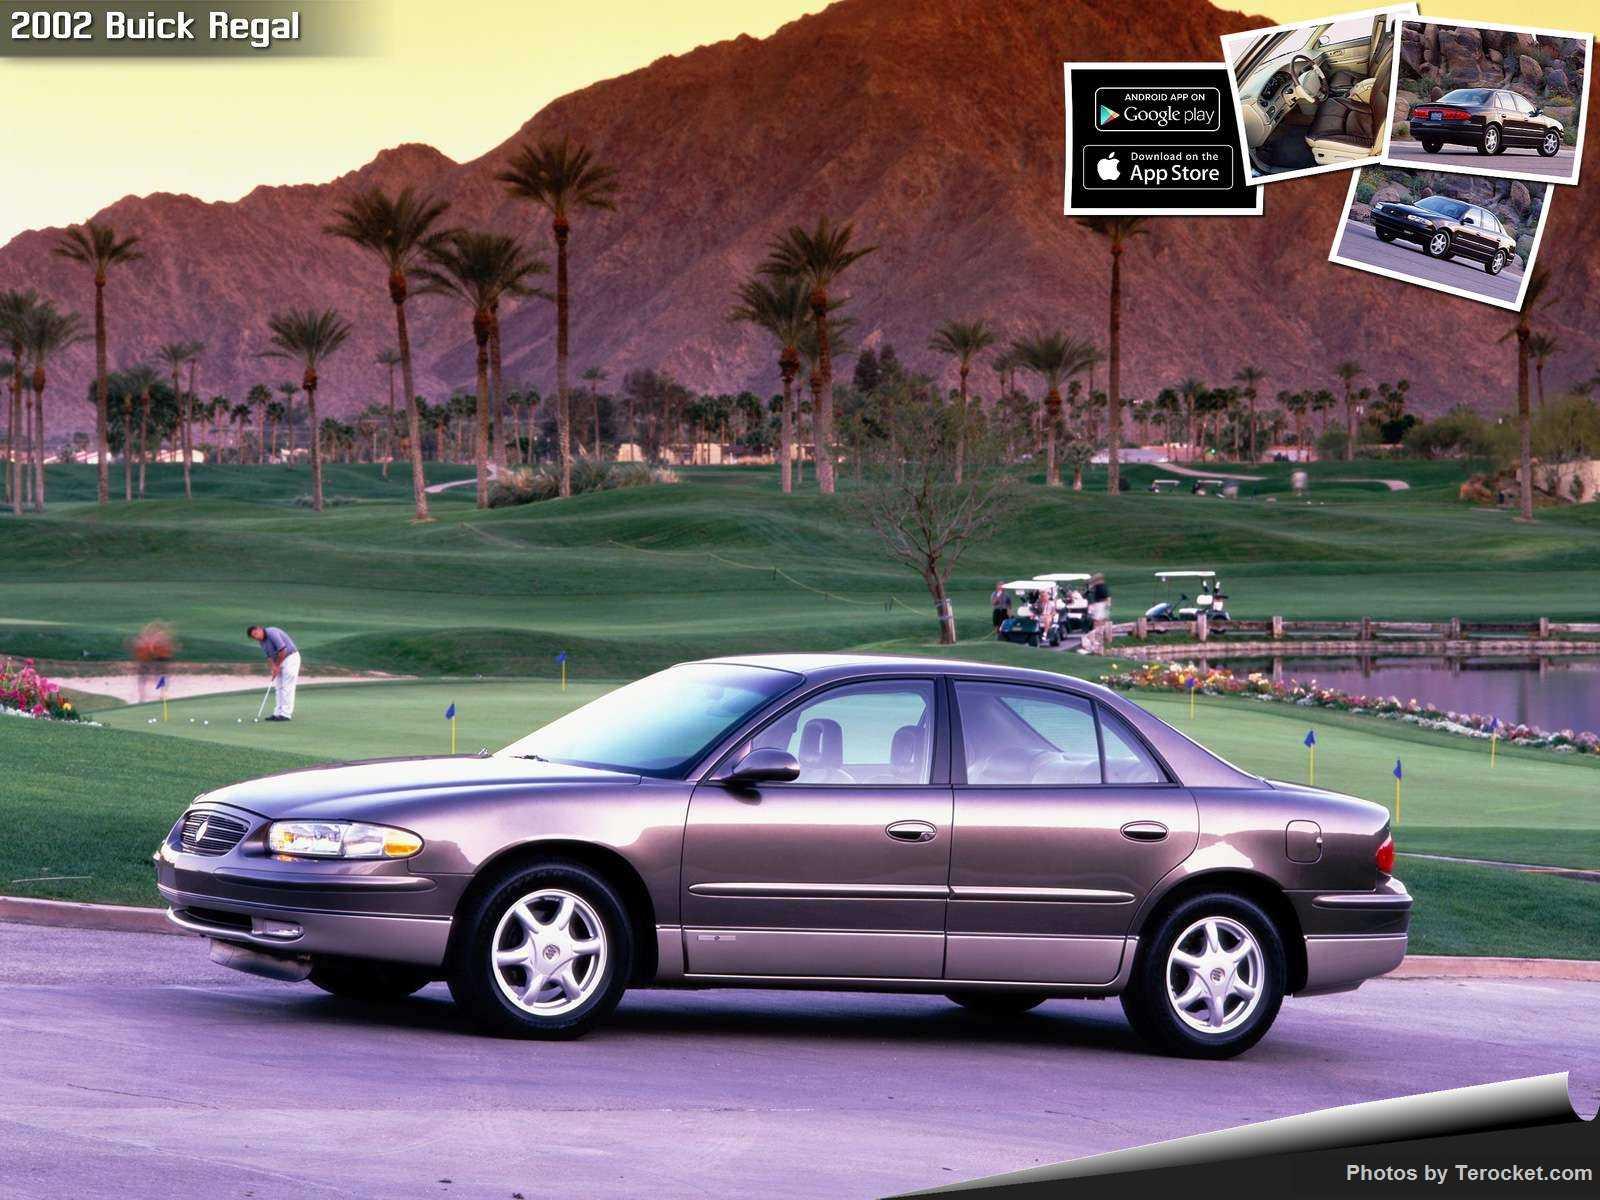 Hình ảnh xe ô tô Buick Regal 2002 & nội ngoại thất